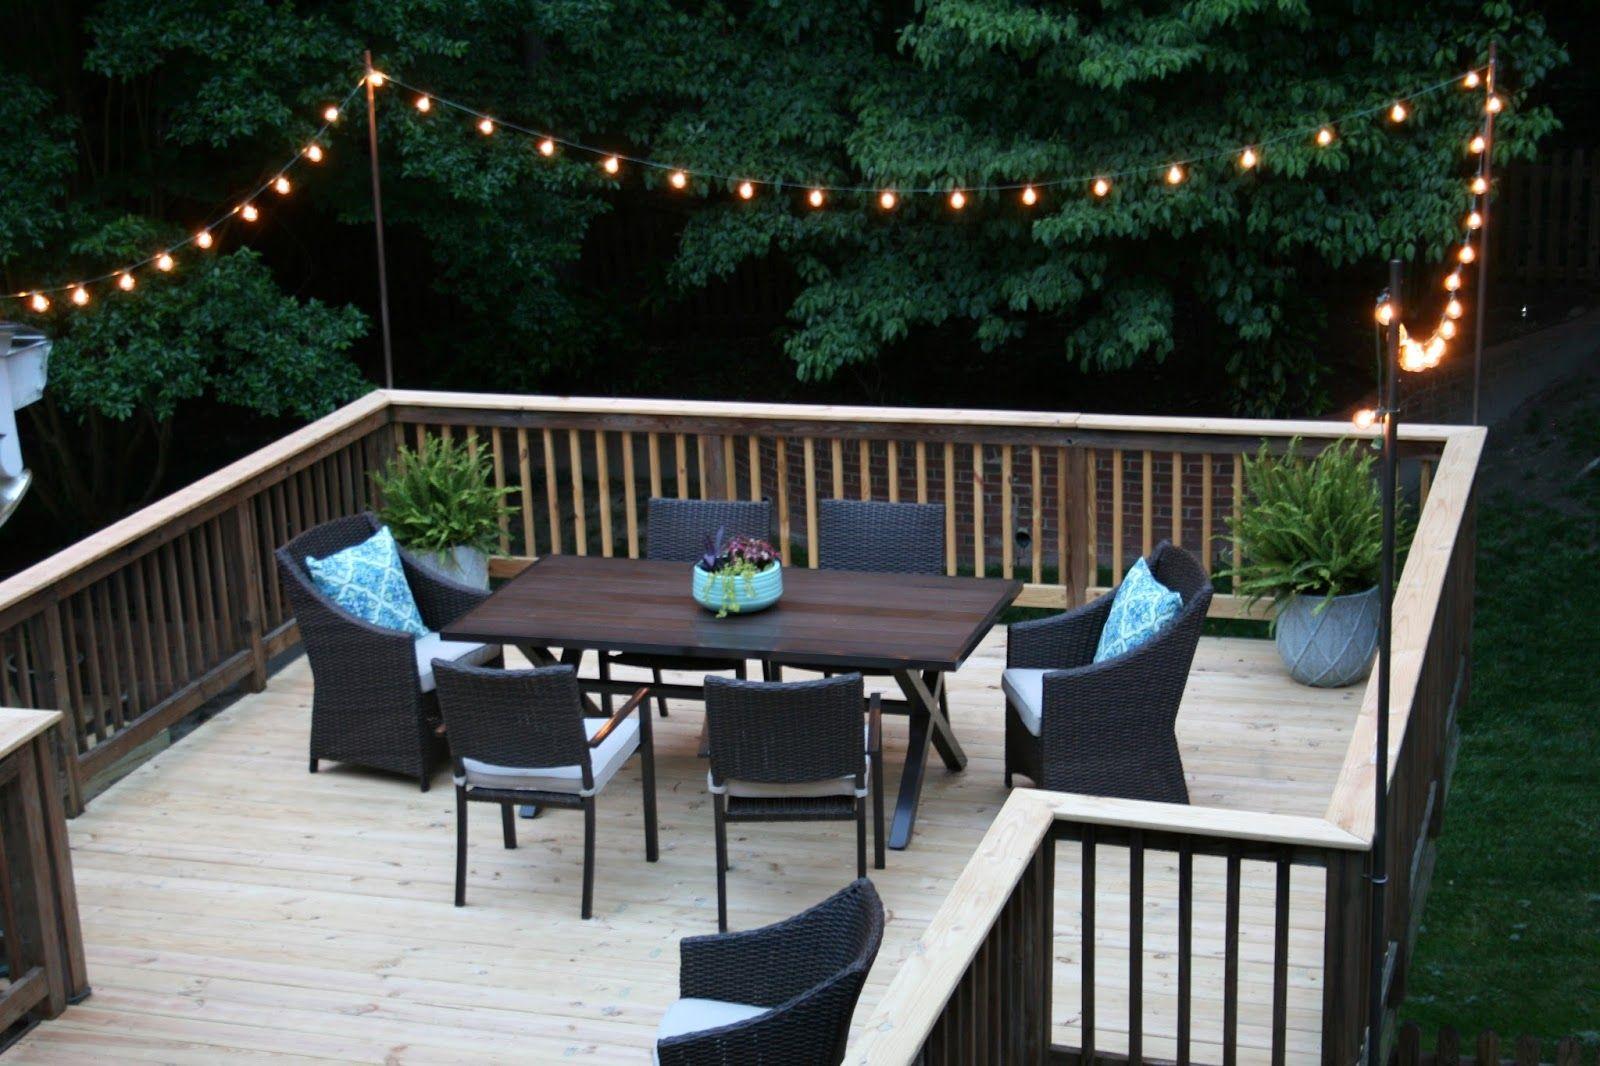 Image result for string lights on deck | Porches/Decks/Landscaping on